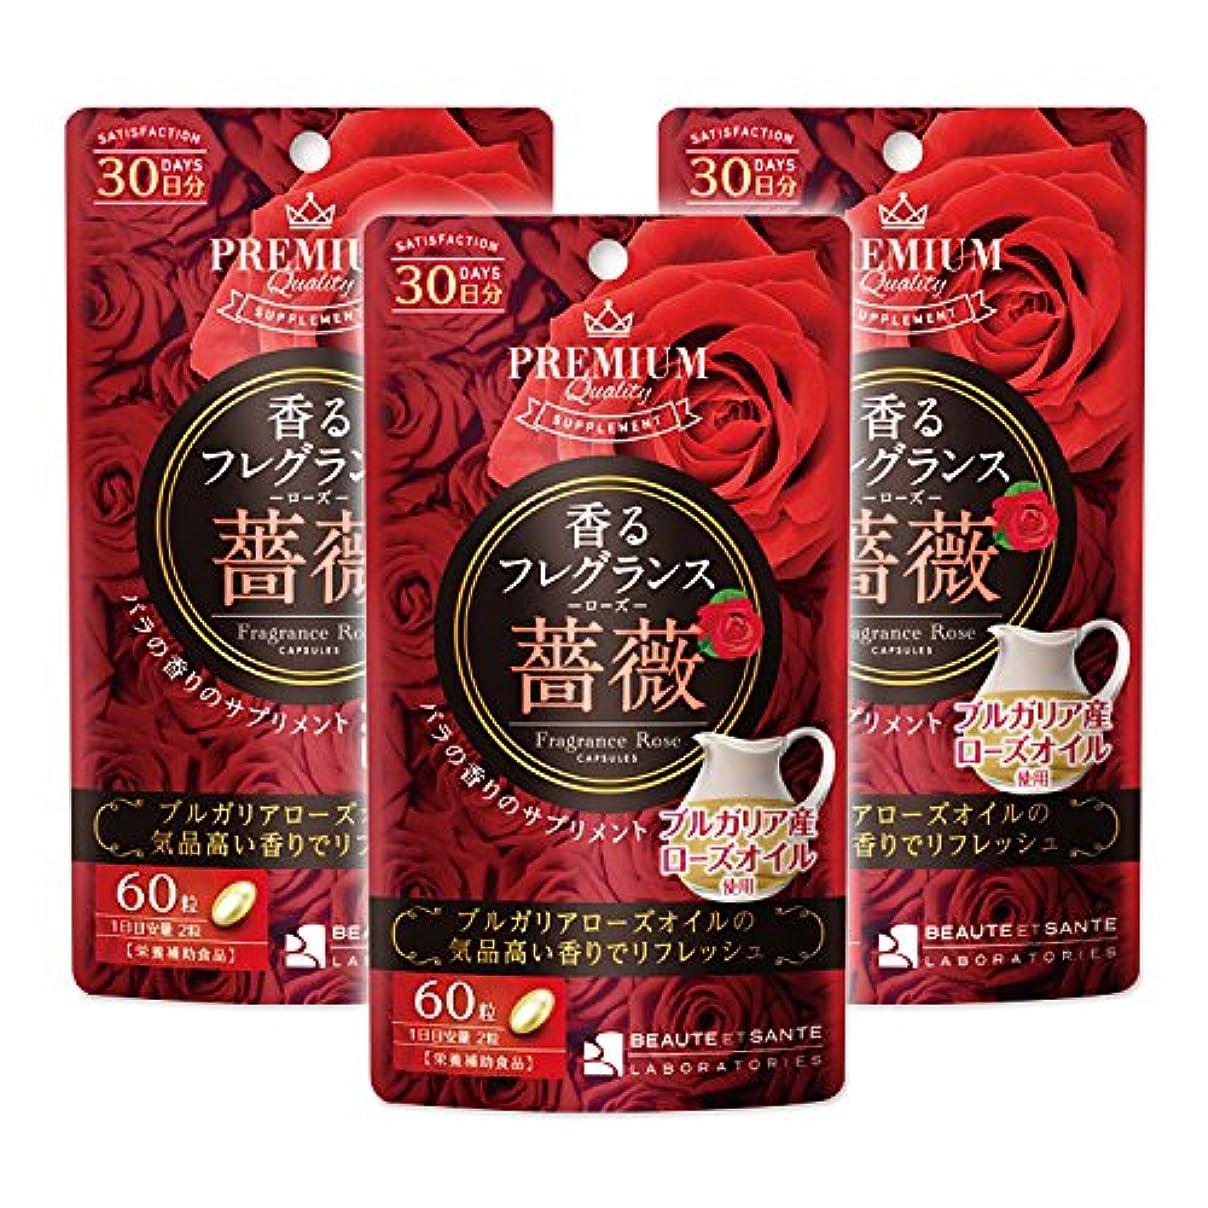 スペア高いの頭の上香るフレグランス 薔薇 ローズ [60粒]◆3袋セット◆